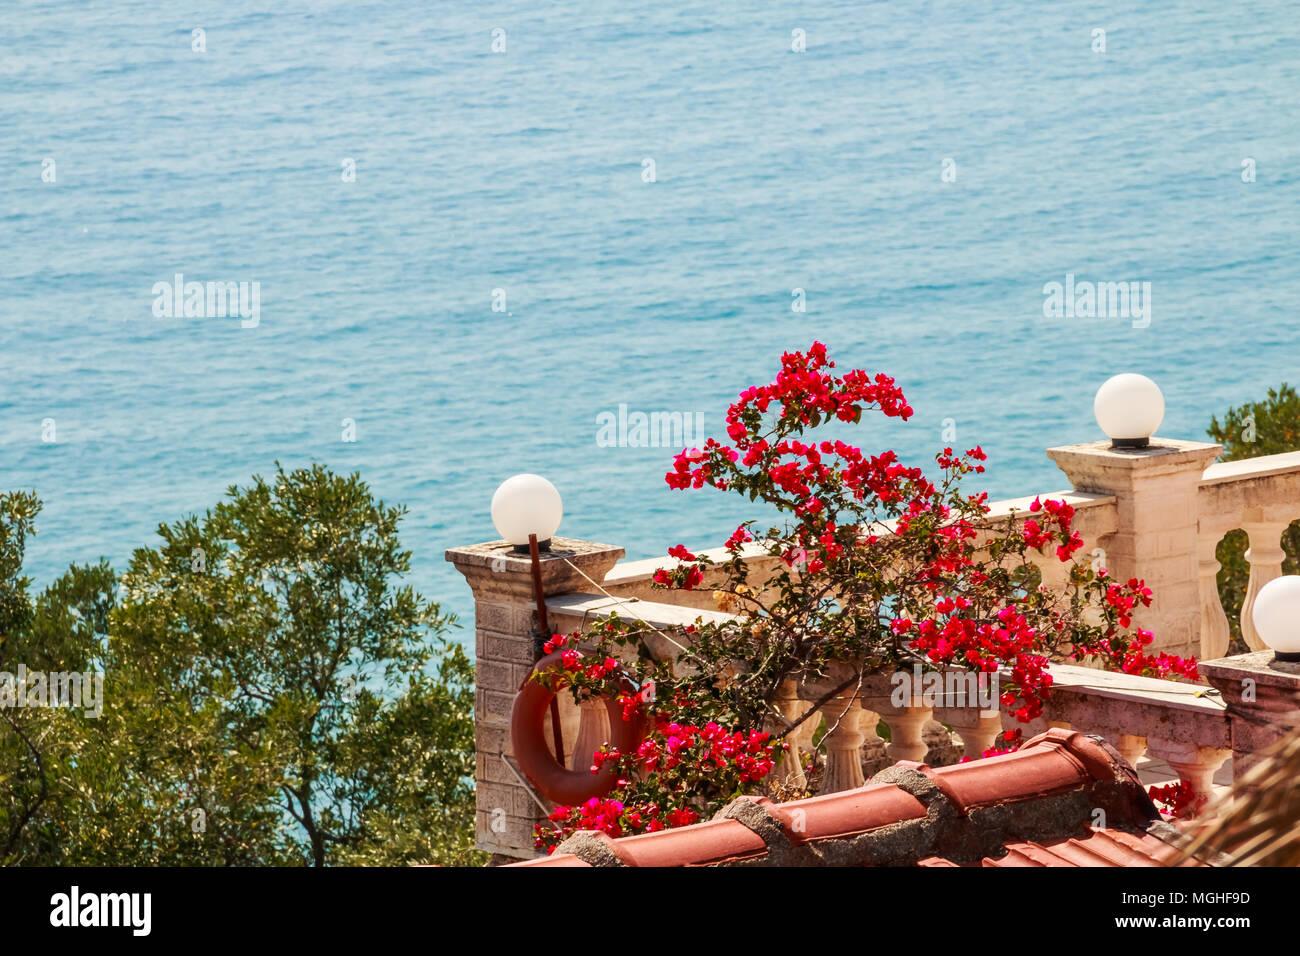 Vue Magnifique Sur Mer Et Fleurs De Bougainvilliers Paysage